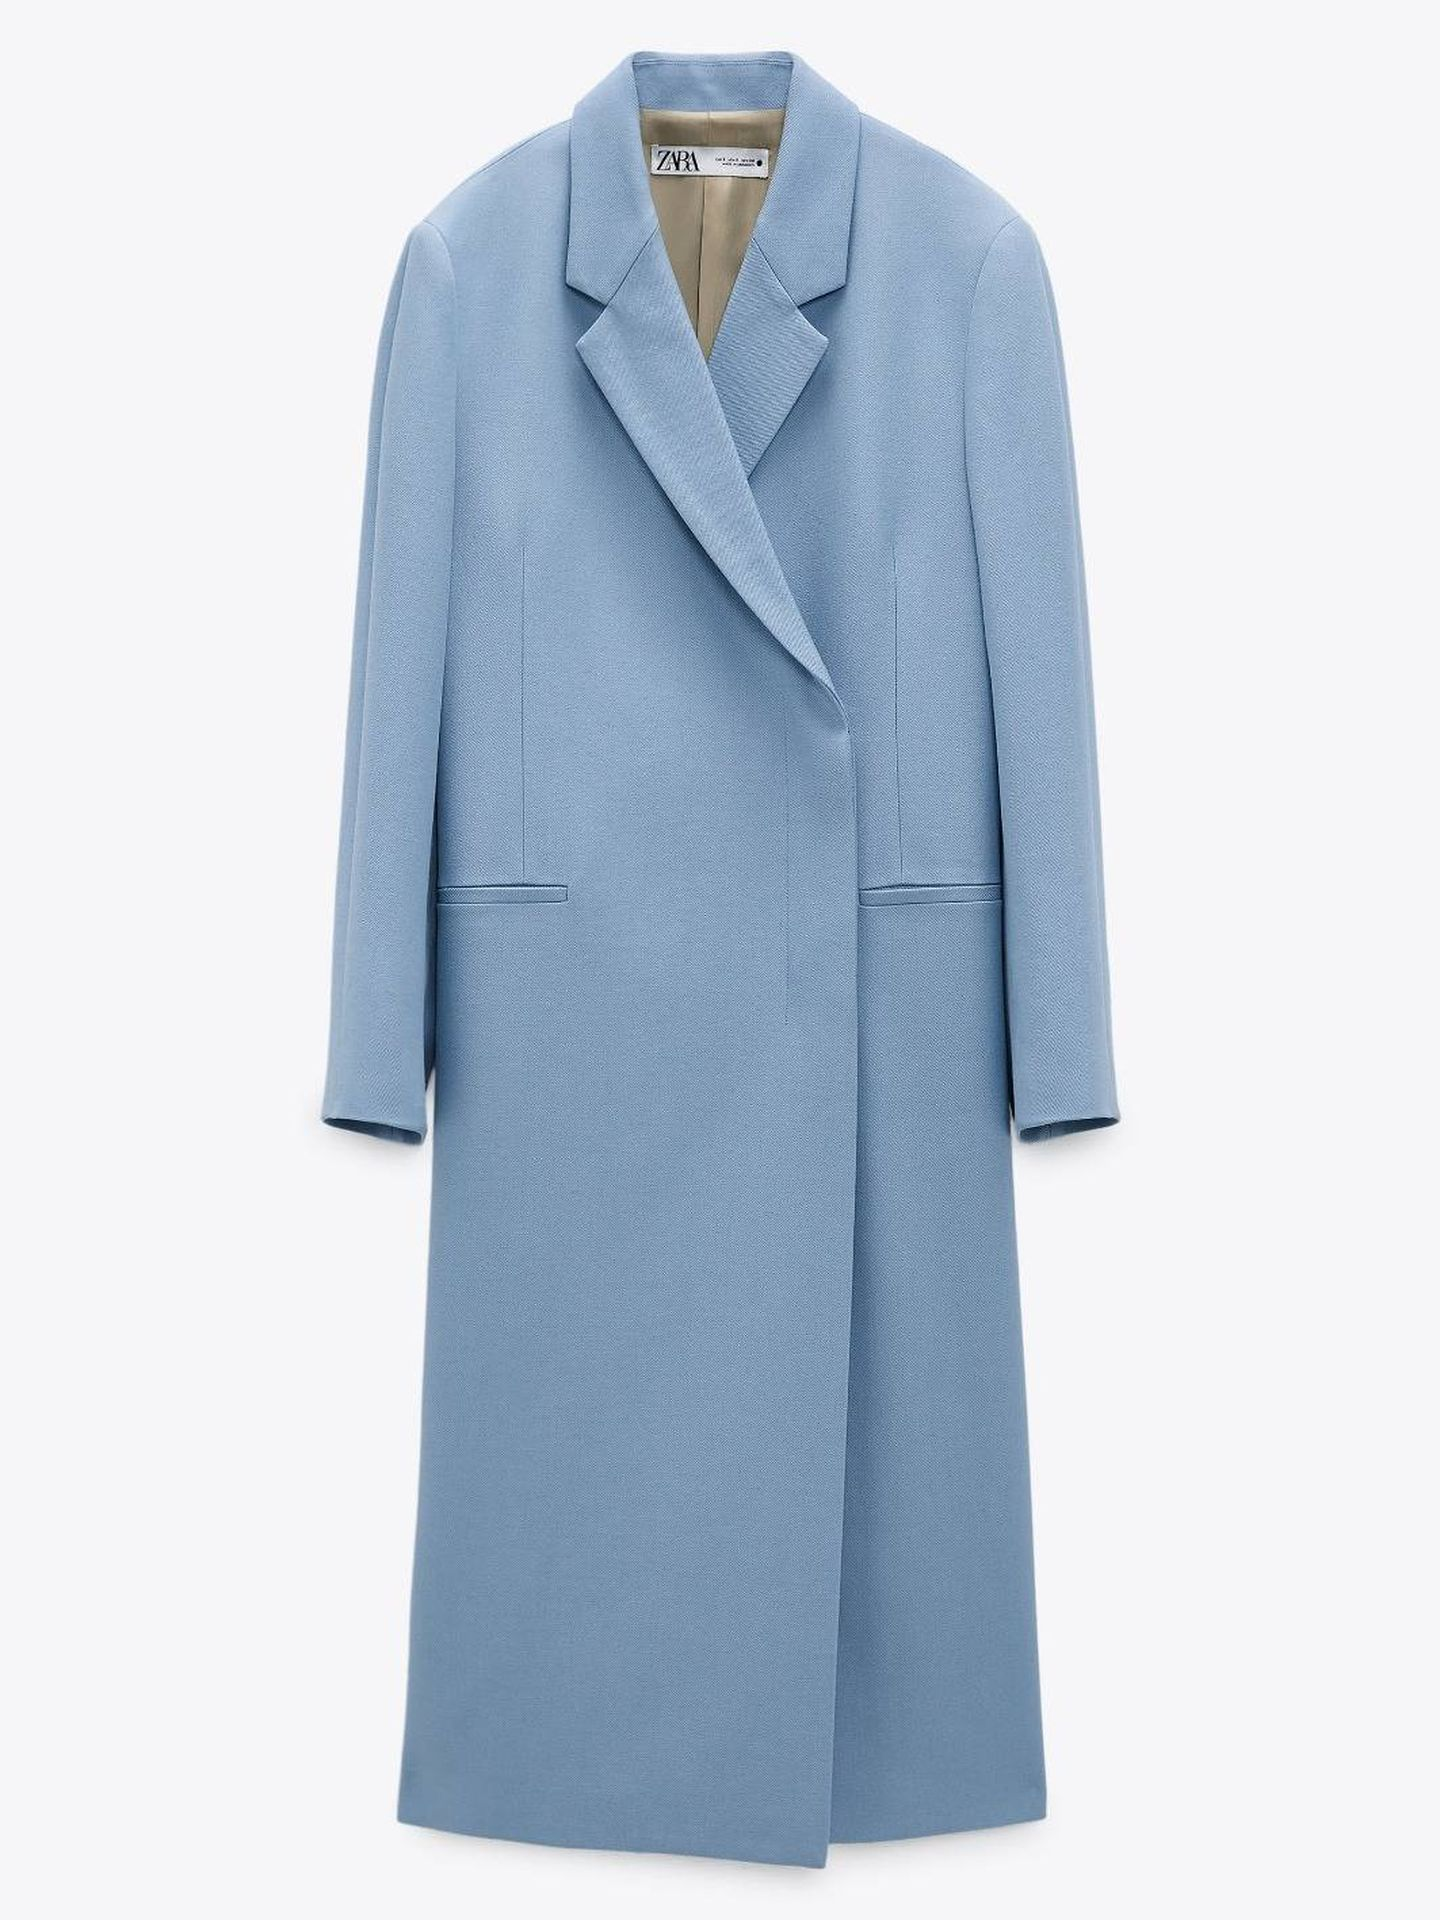 El abrigo de Zara.